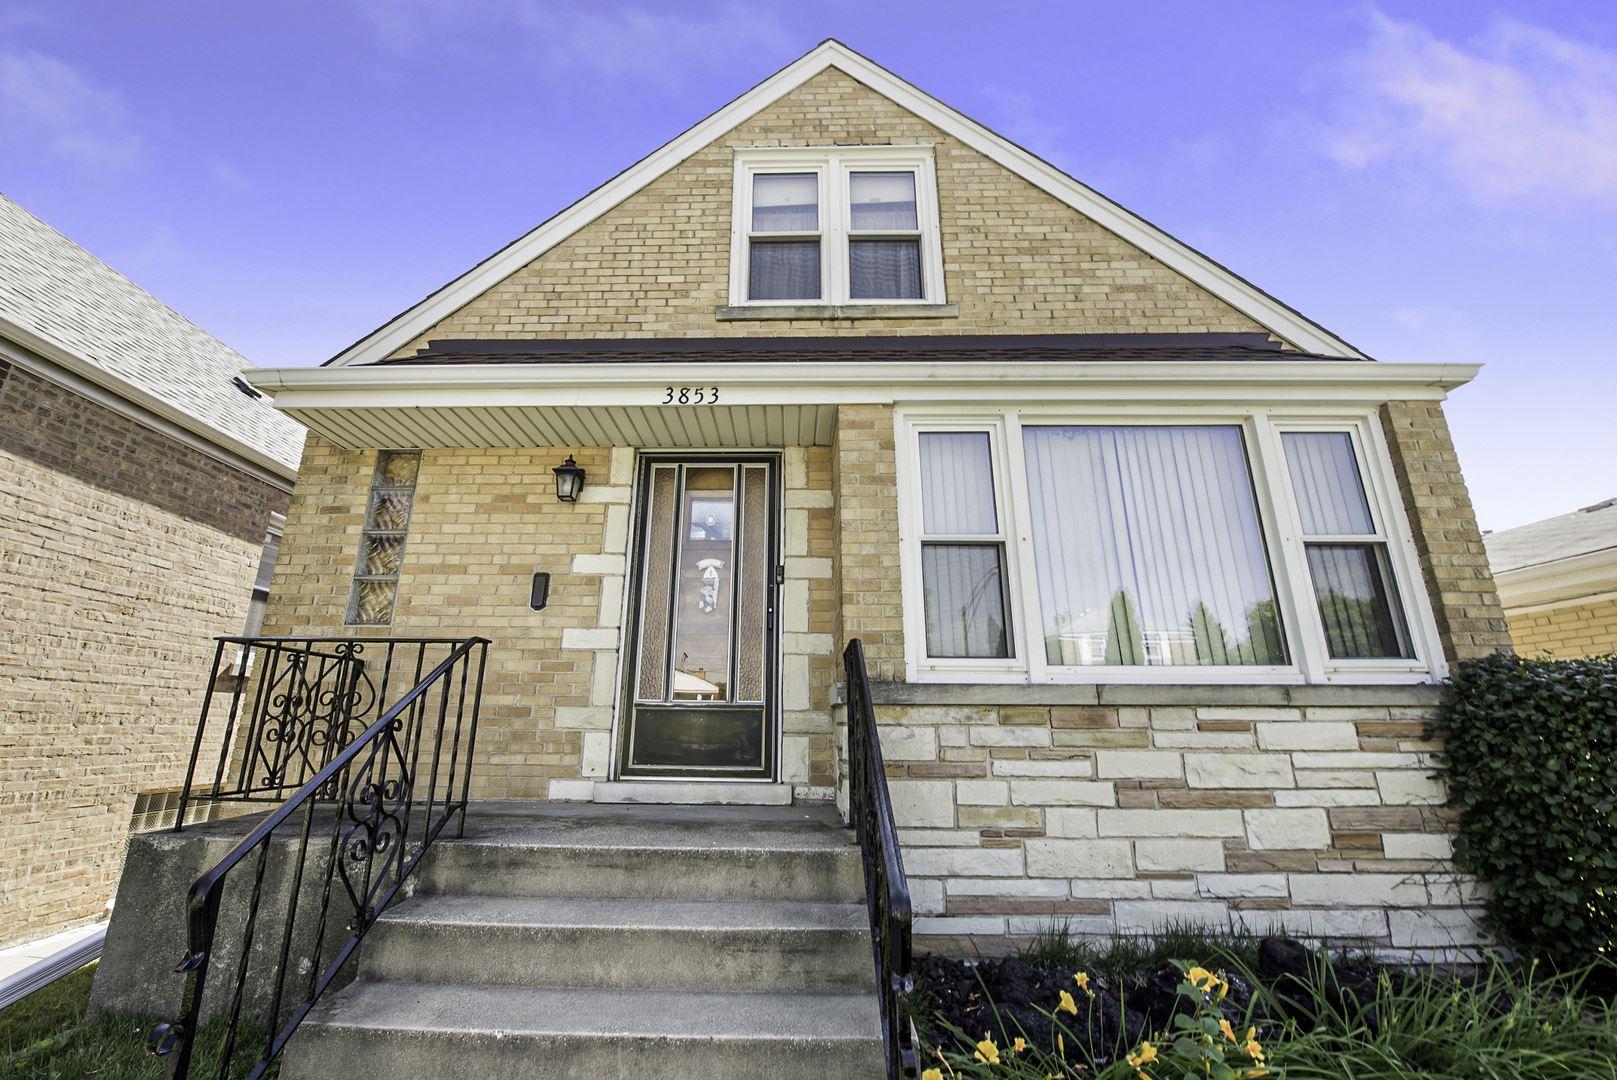 3853 N Plainfield Avenue, Chicago, IL 60634 - #: 10767563